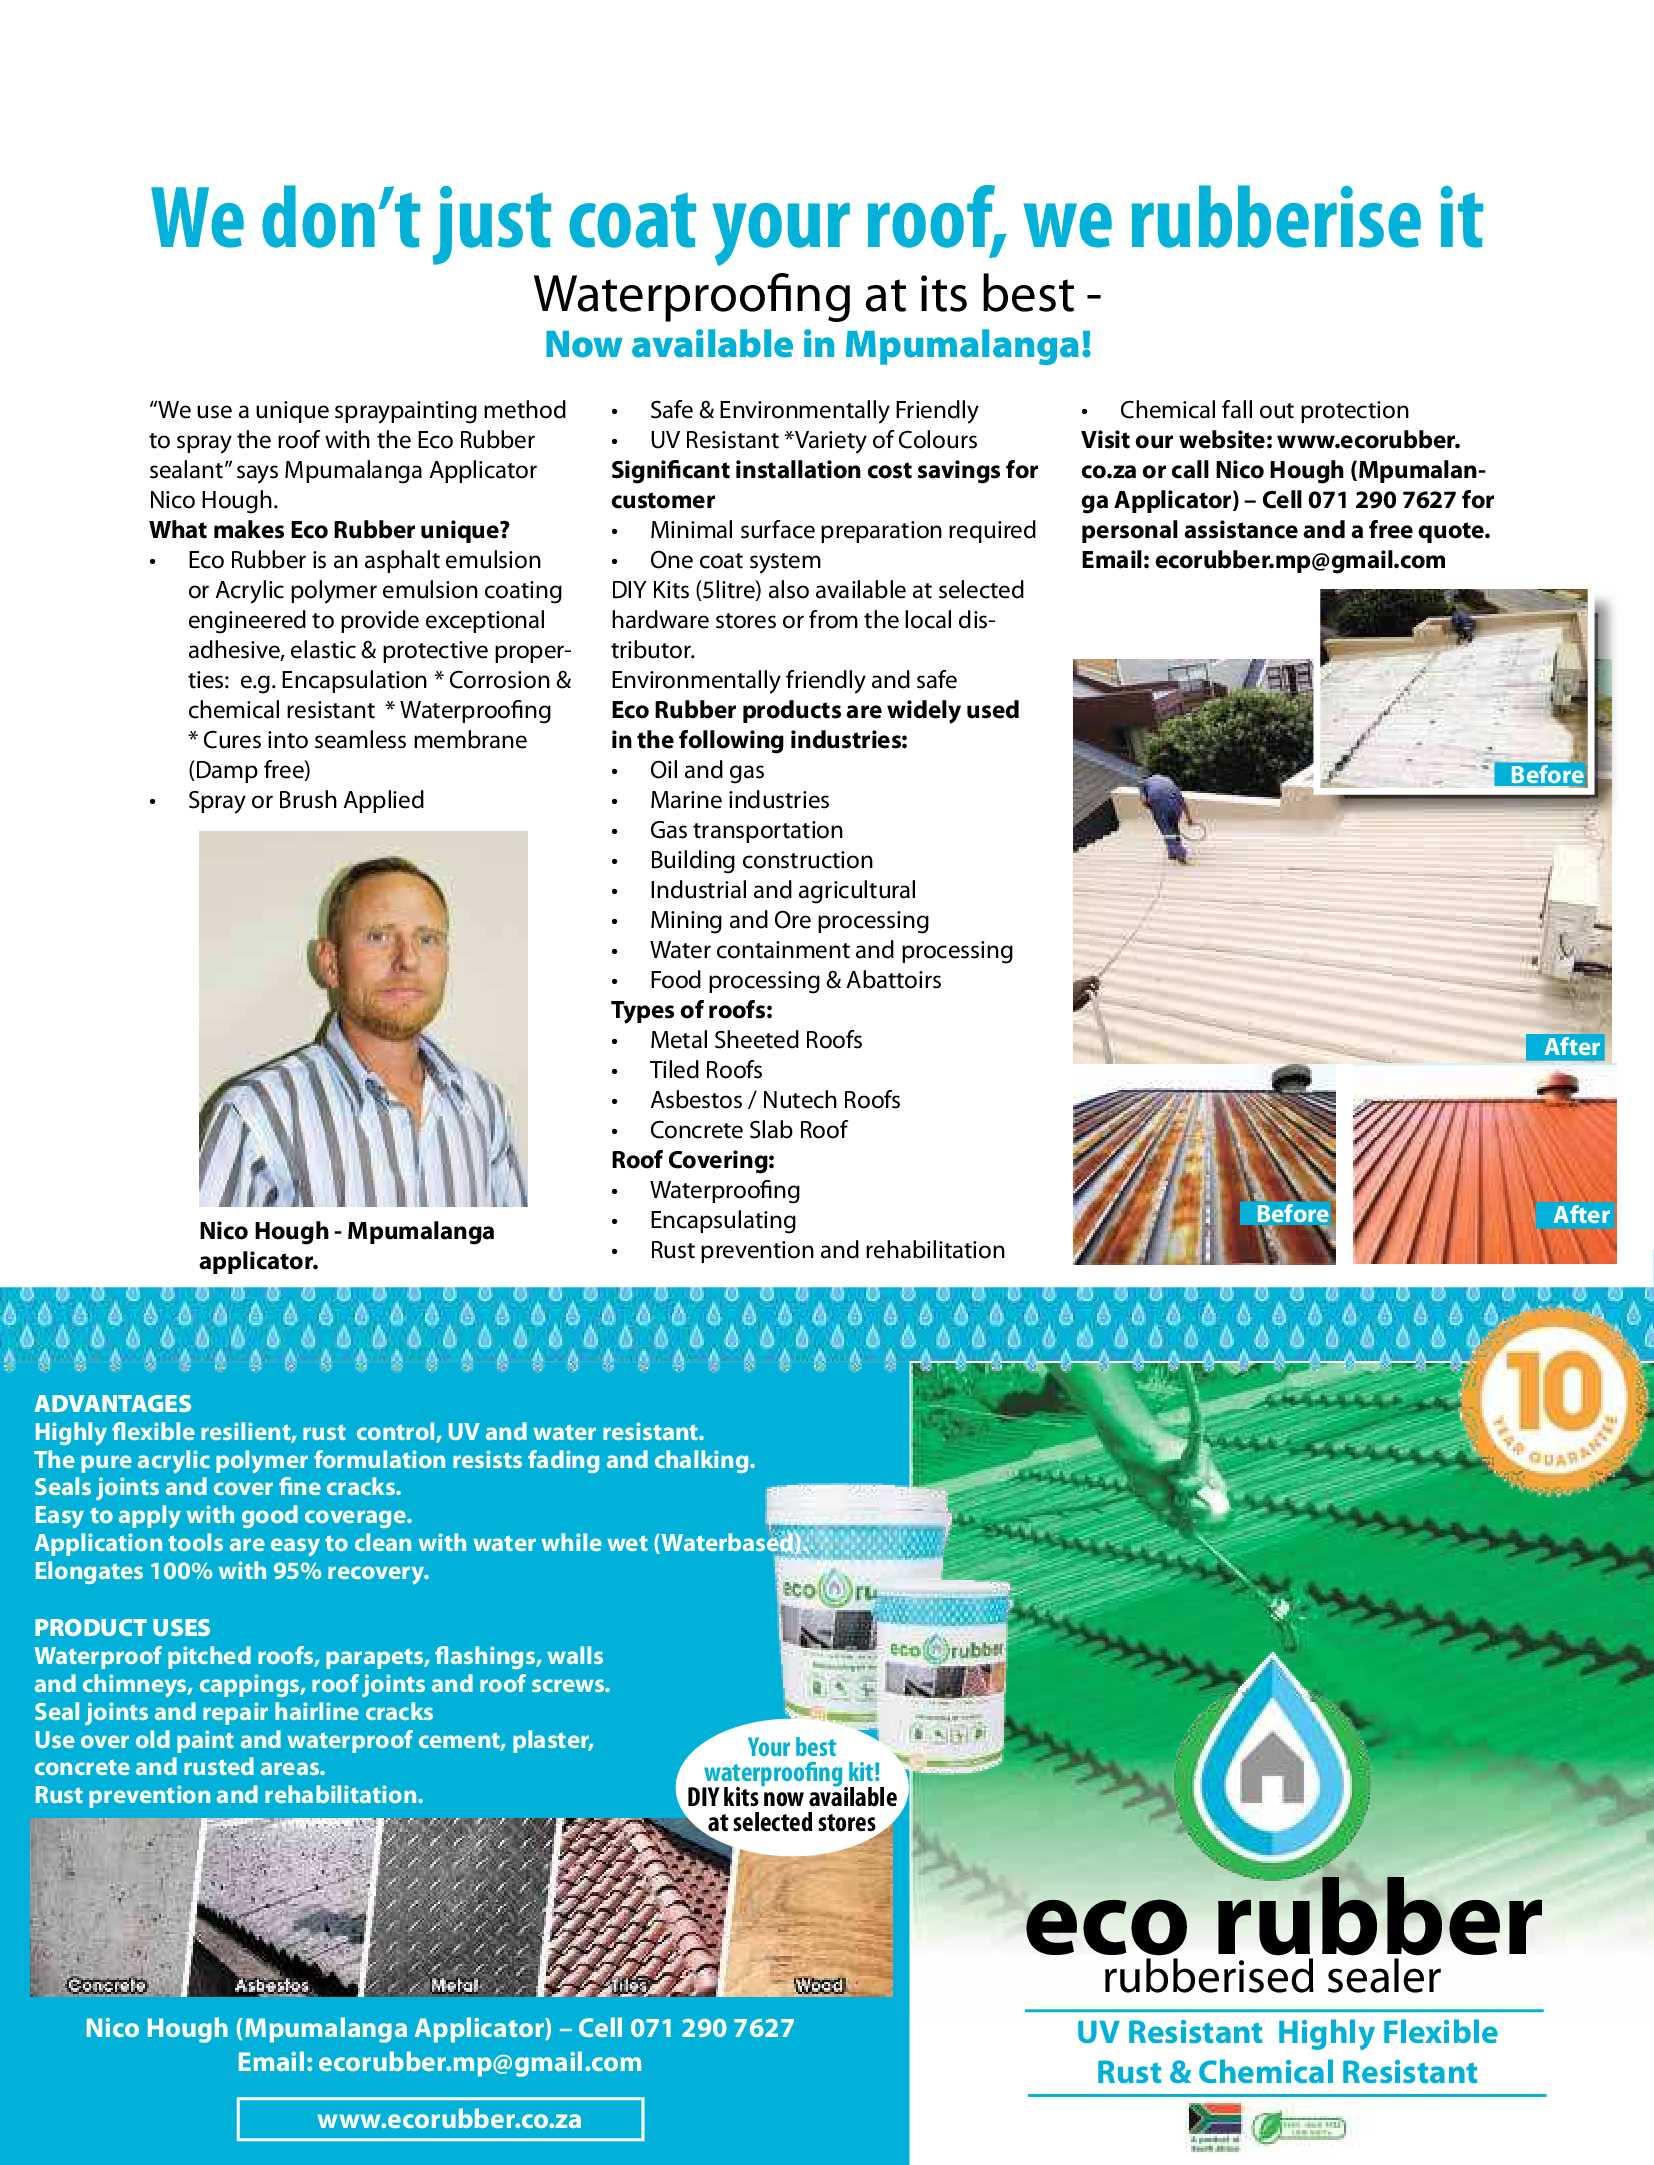 get-middelburg-june-2017-epapers-page-29